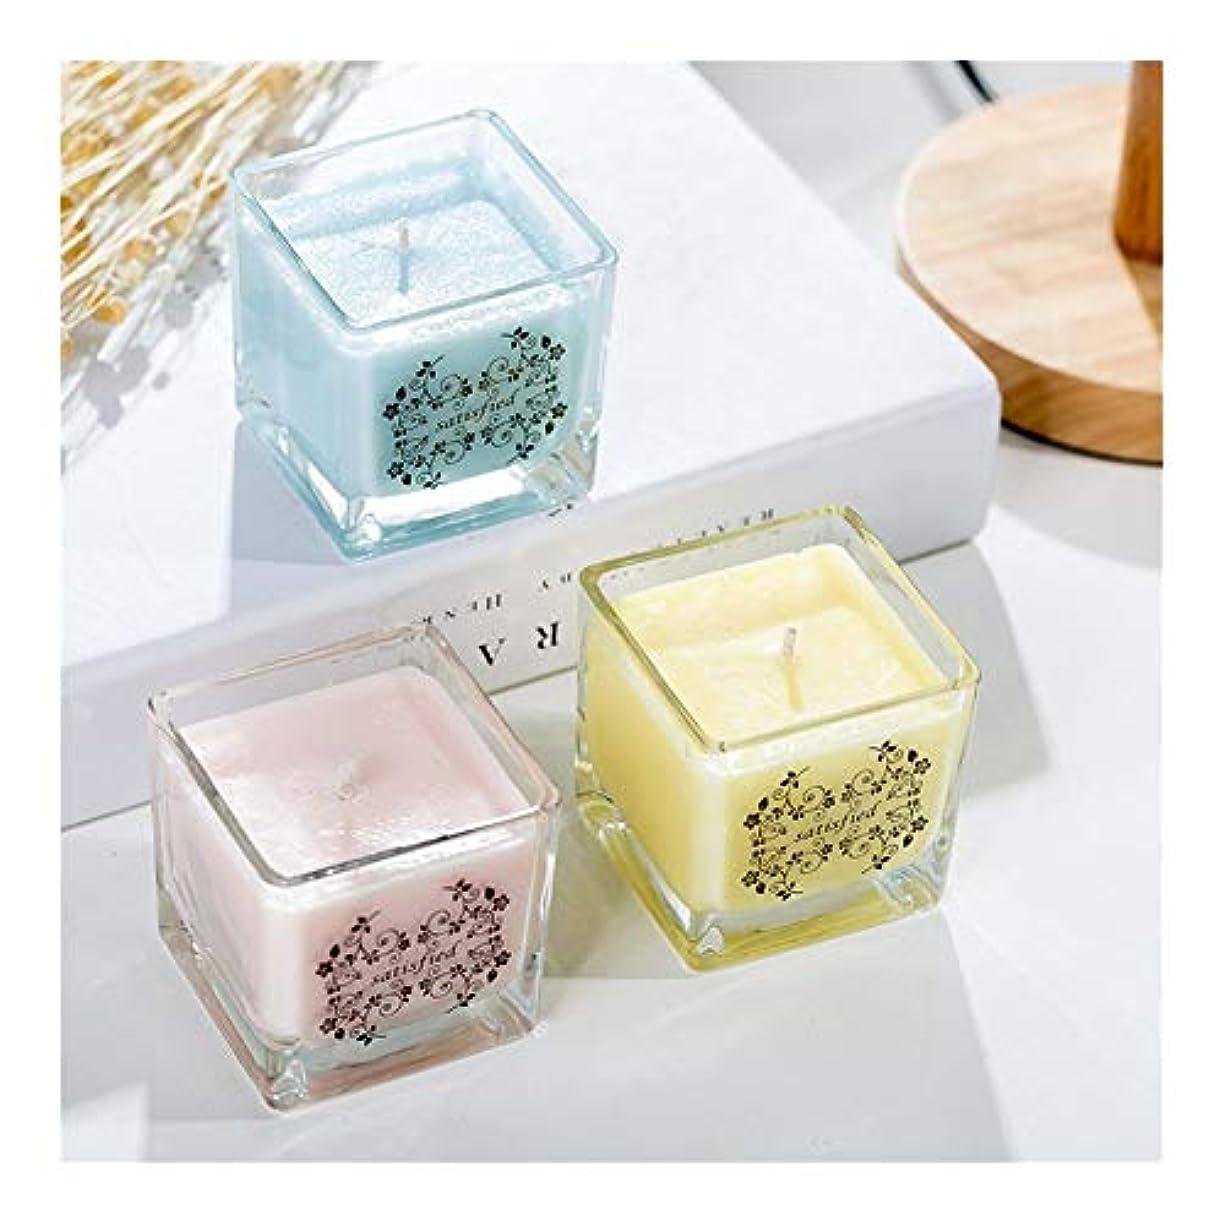 クスクス後追加するZtian 正方形の無煙ガラスの大豆の香料入りの蝋燭の屋内新鮮な空気のラベンダーの香り (色 : Blackberries)